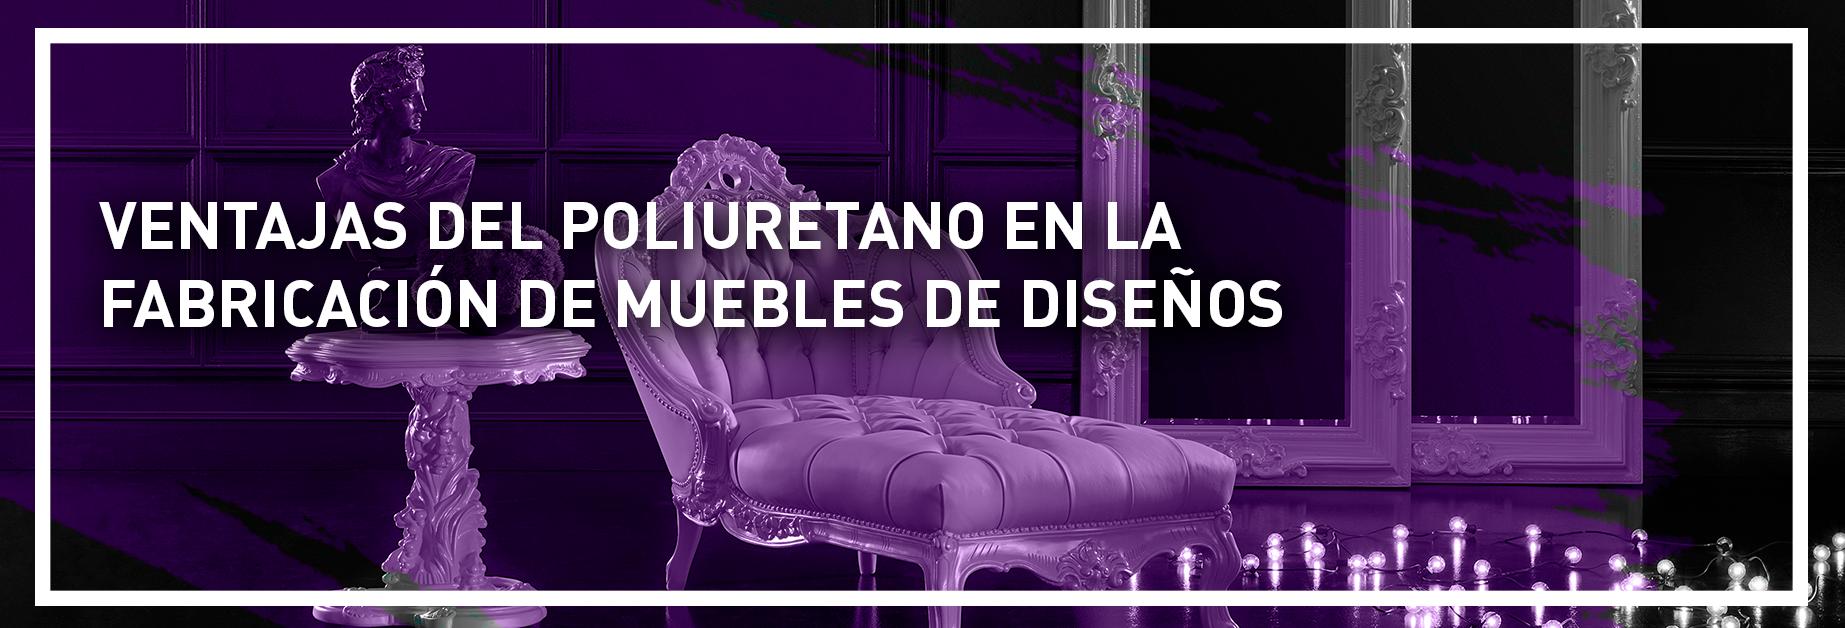 banner-ventajas-del-poliuretano-en-la-fabricacion-de-muebles